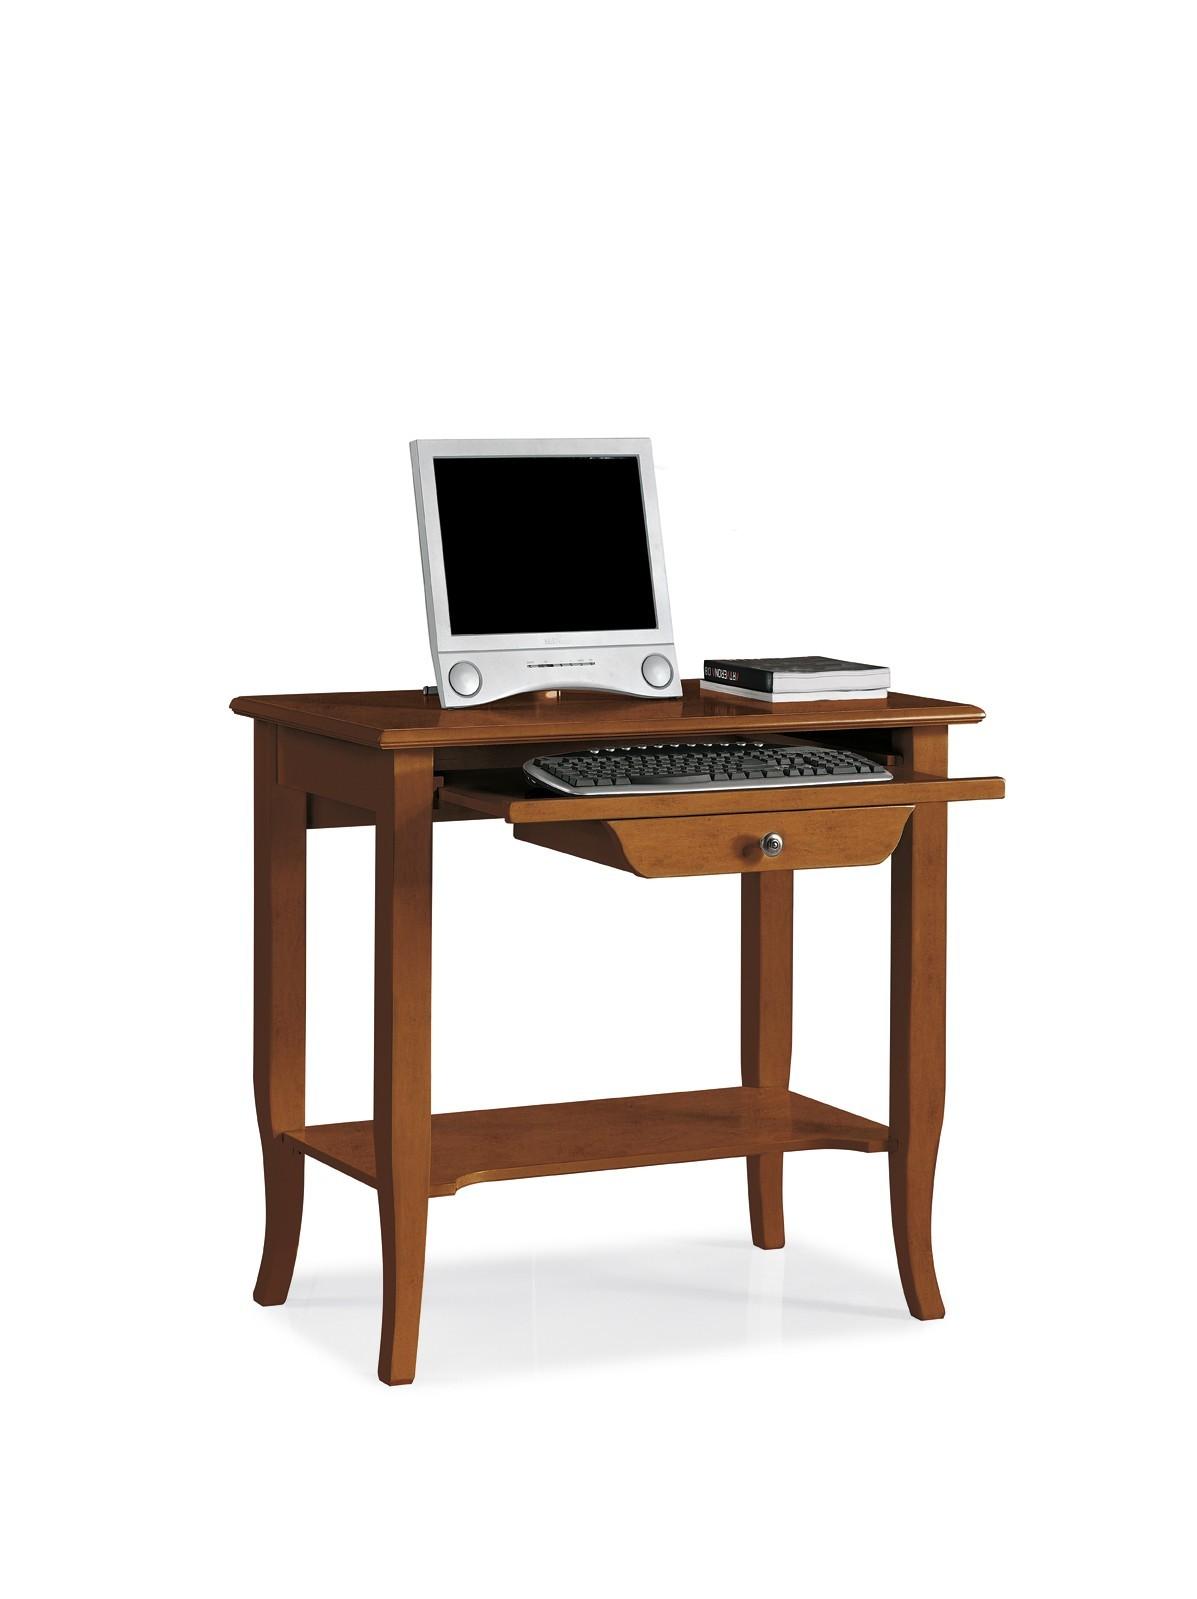 Mobili Porta Computer Prezzo.Offerte Porta Computer Stile Classico Prezzi Convenienti